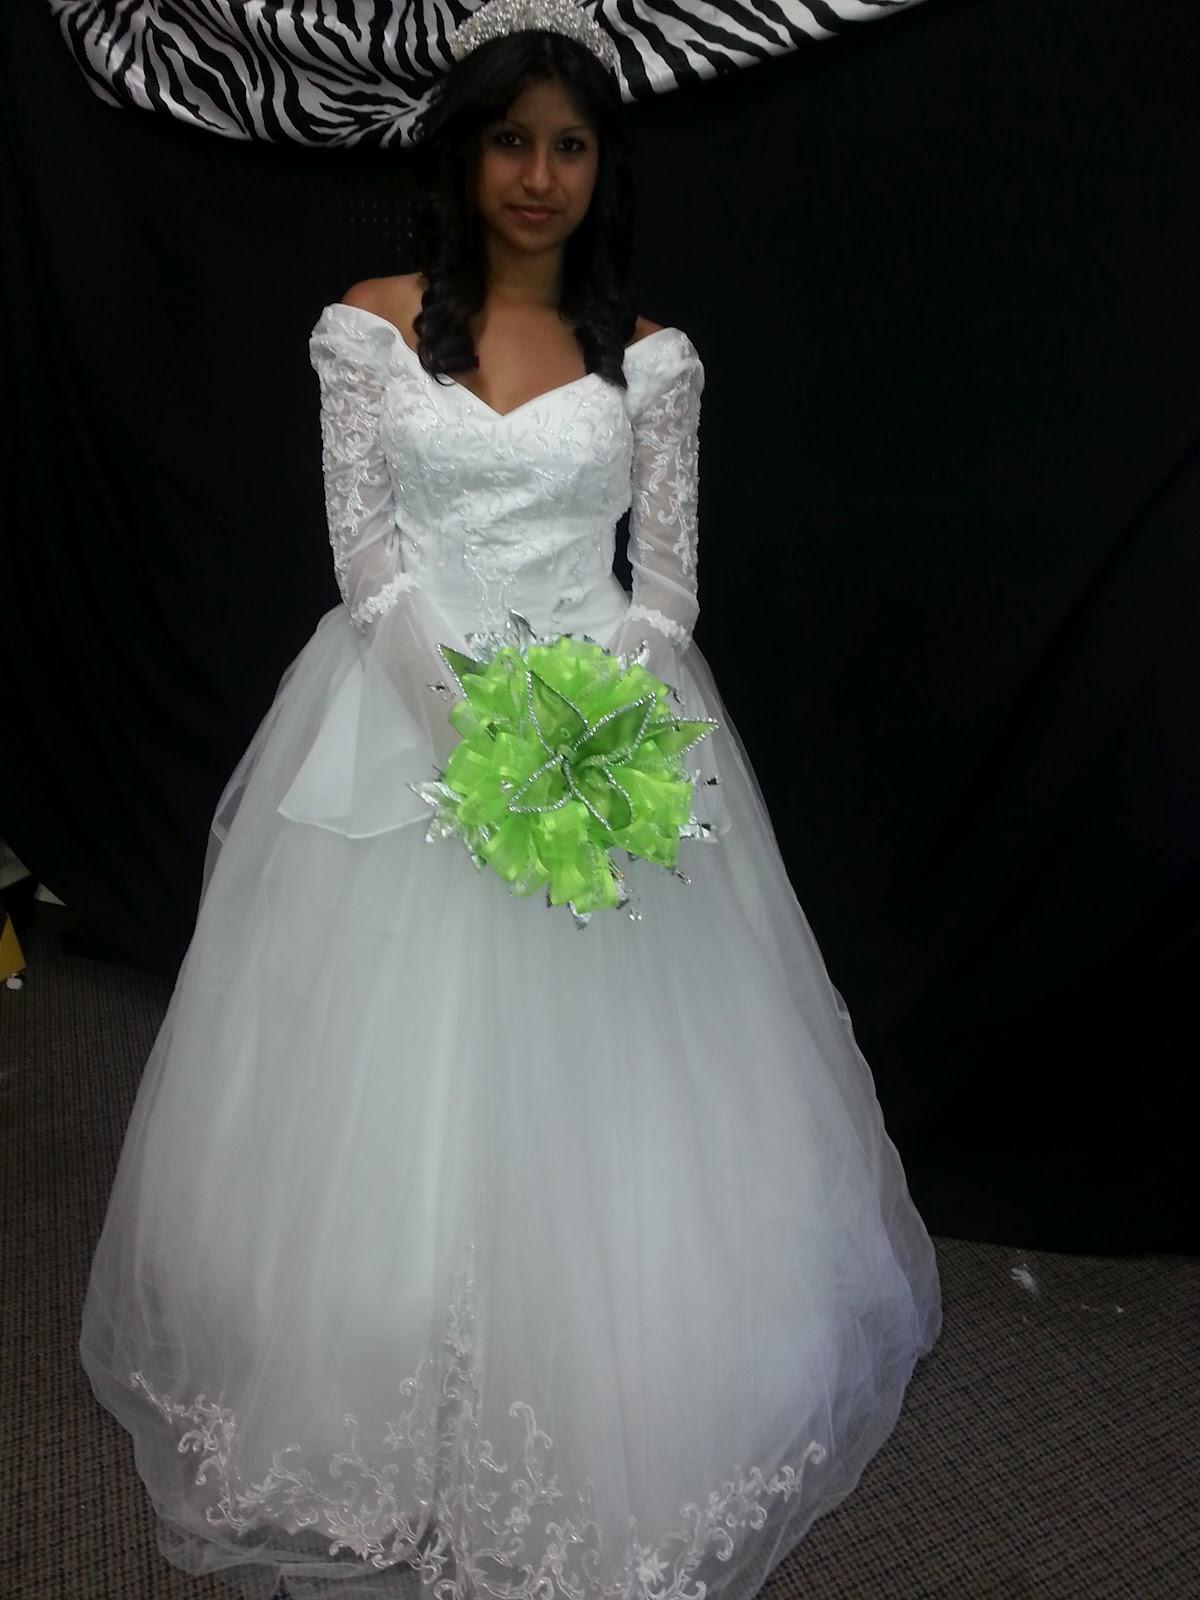 QUINCEANERA WEDDING DRESSES FOR TULARE FRESNOKARENS BRIDAL HUGE DRESS SALE